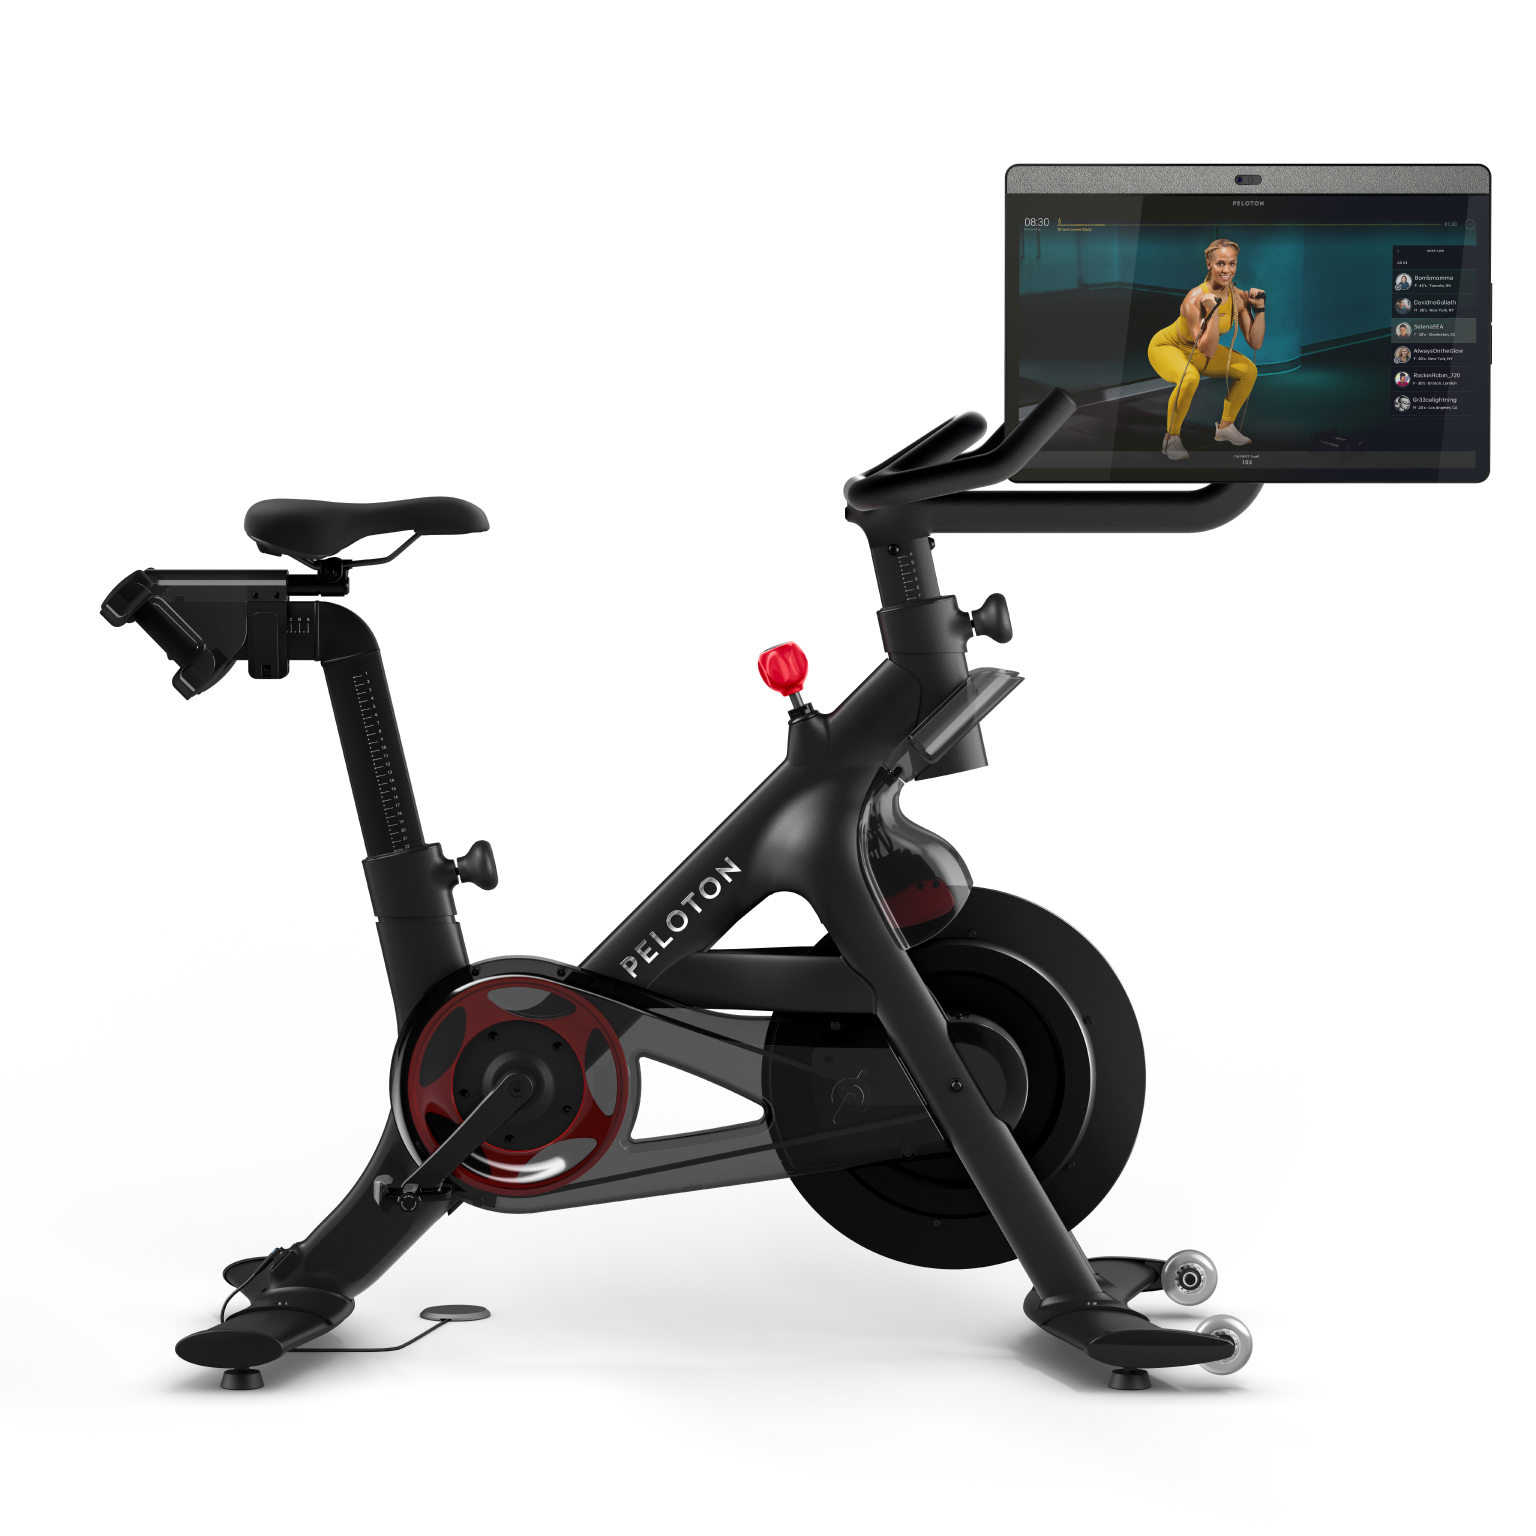 vélo peleton + revue Canada | image du squelette avec écran rotatif